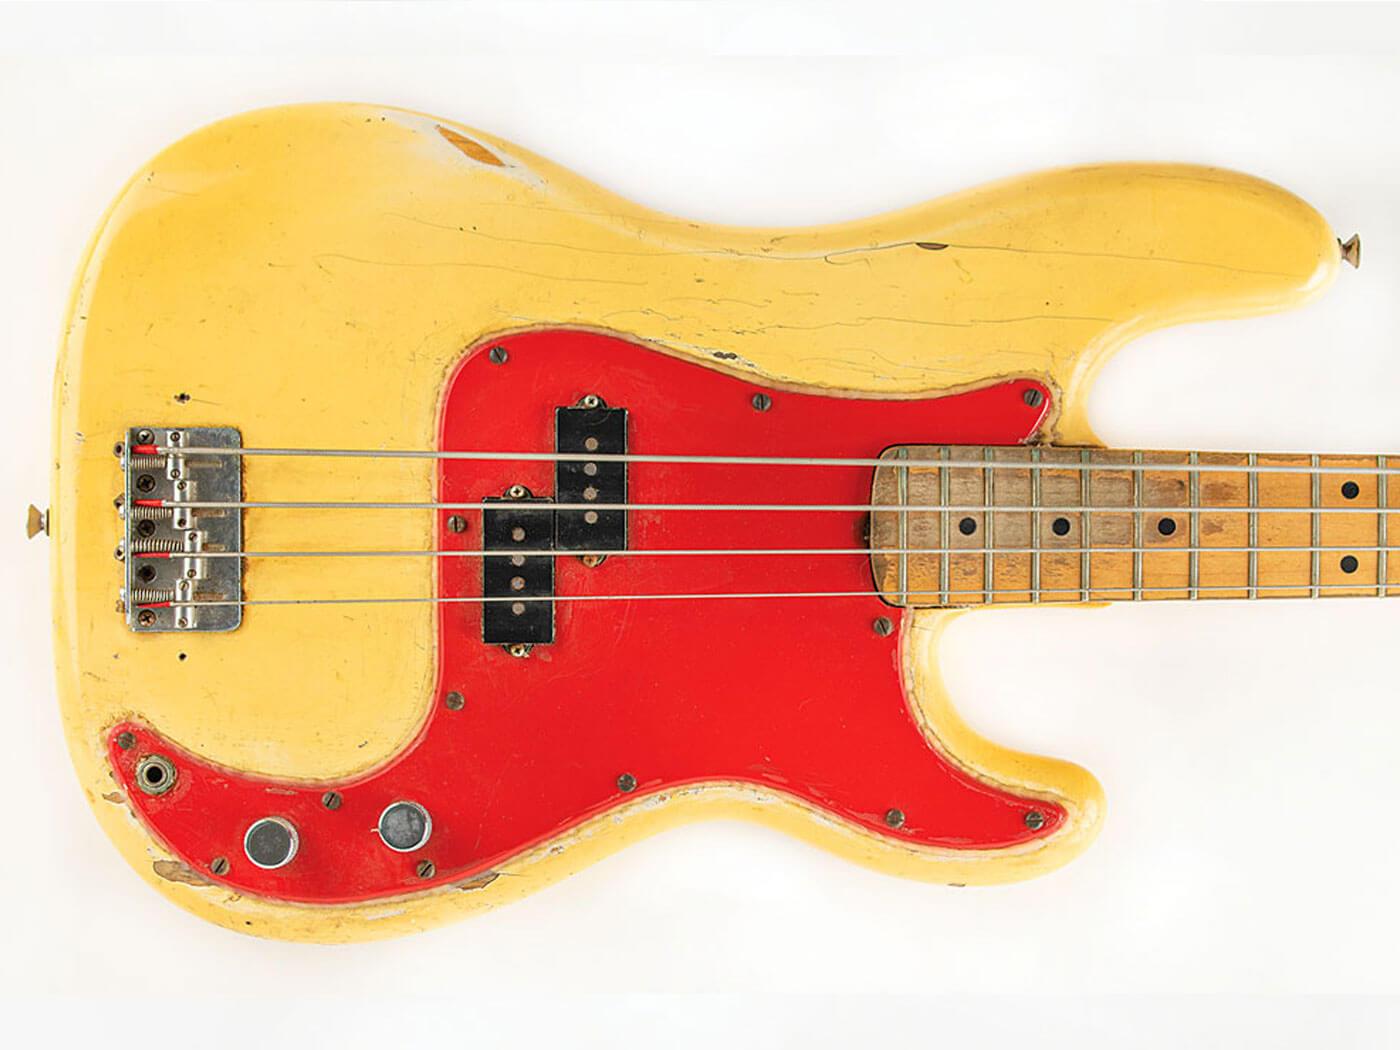 Dee Dee Ramone's bass